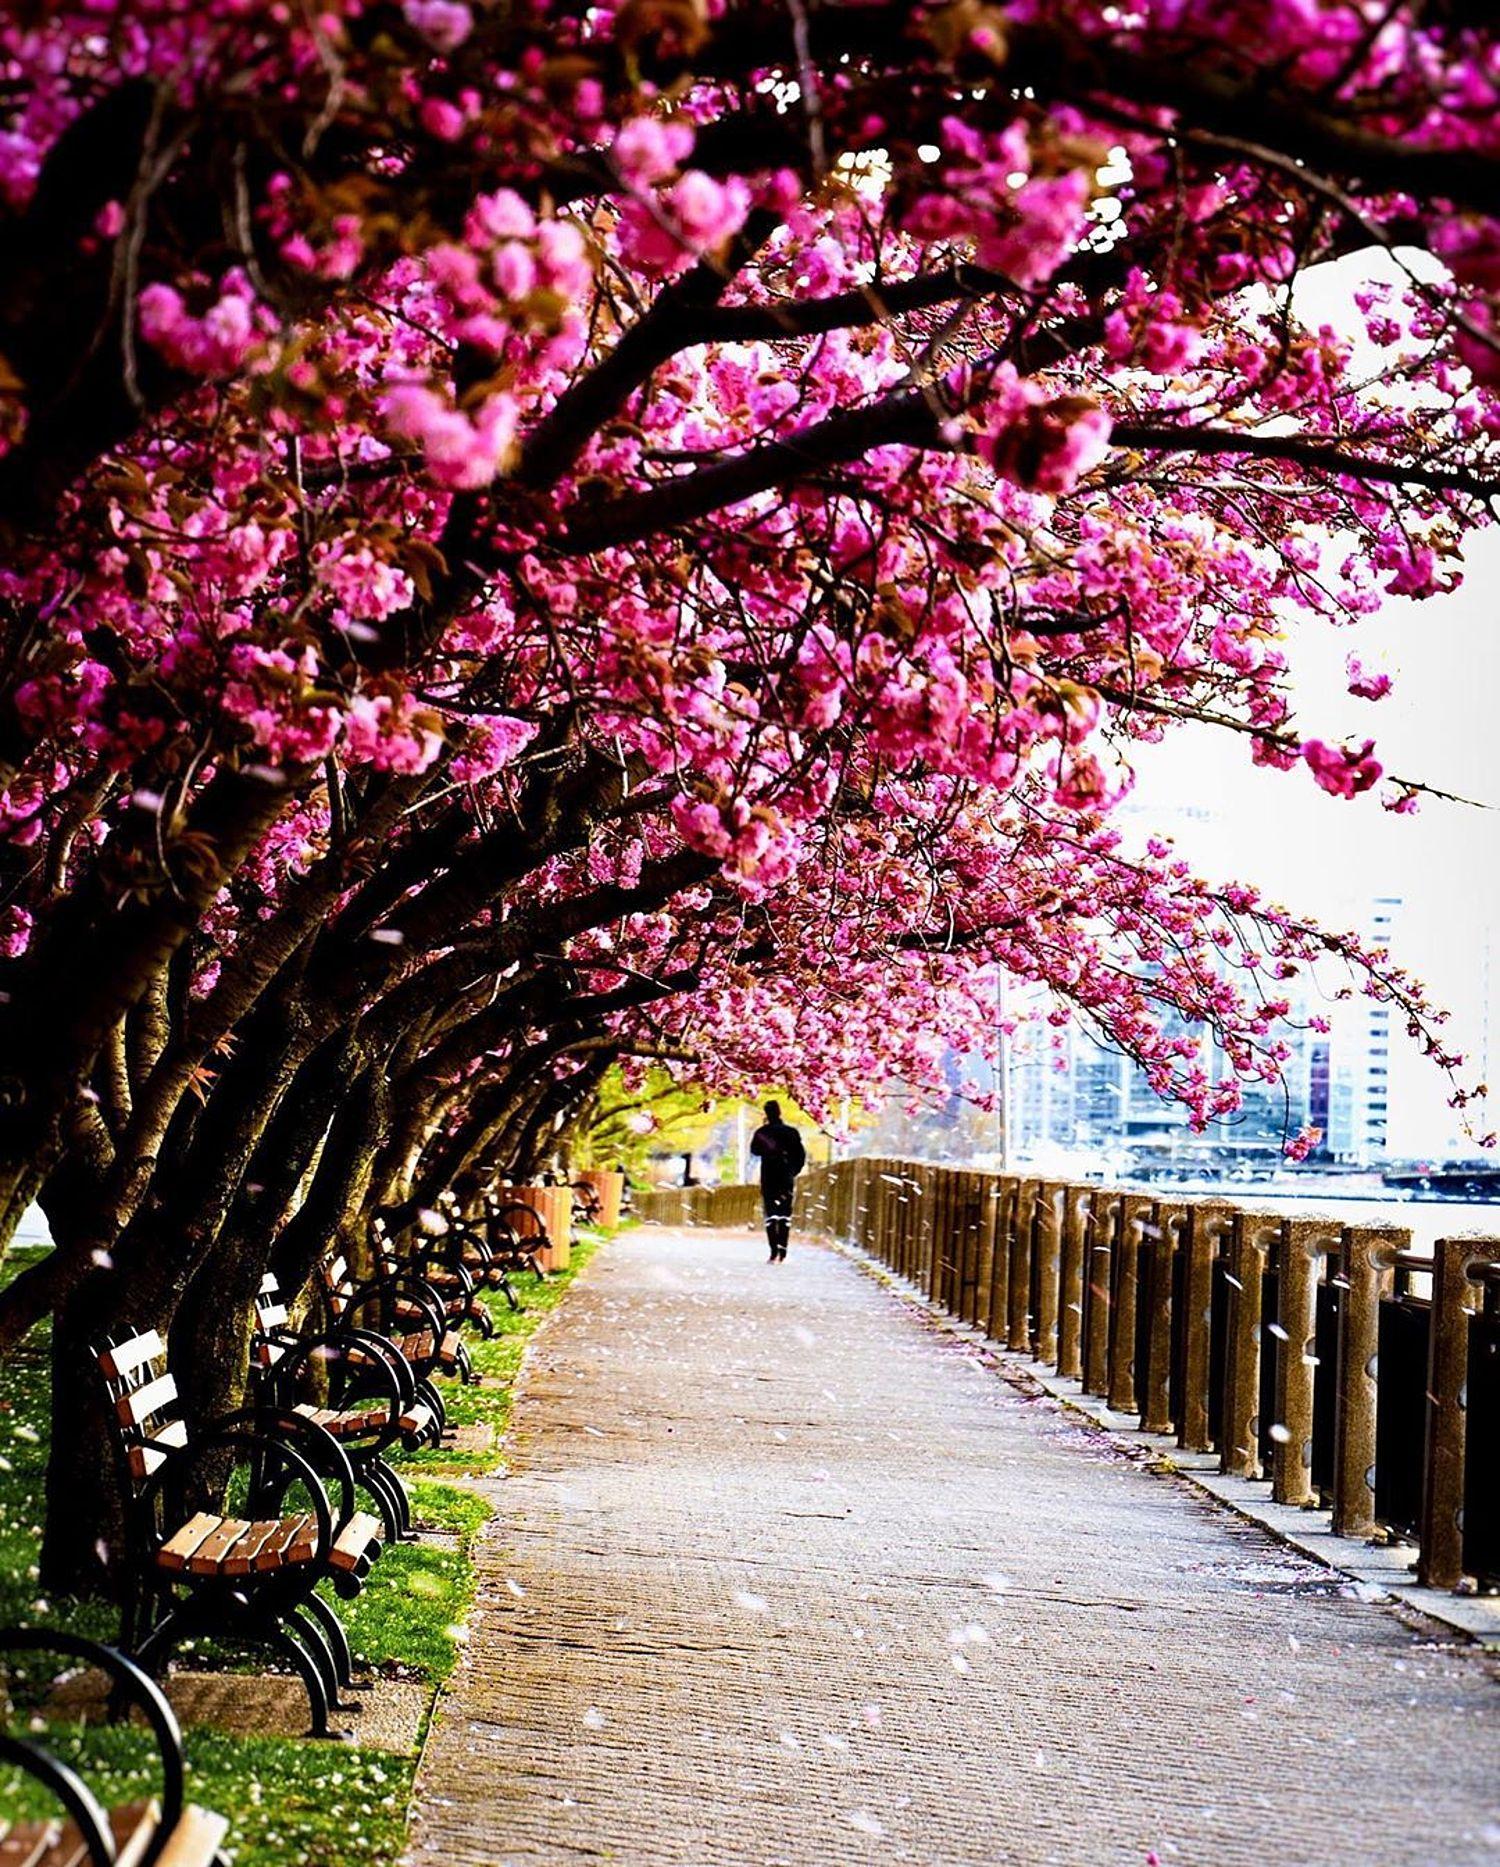 Roosevelt Island, Manhattan